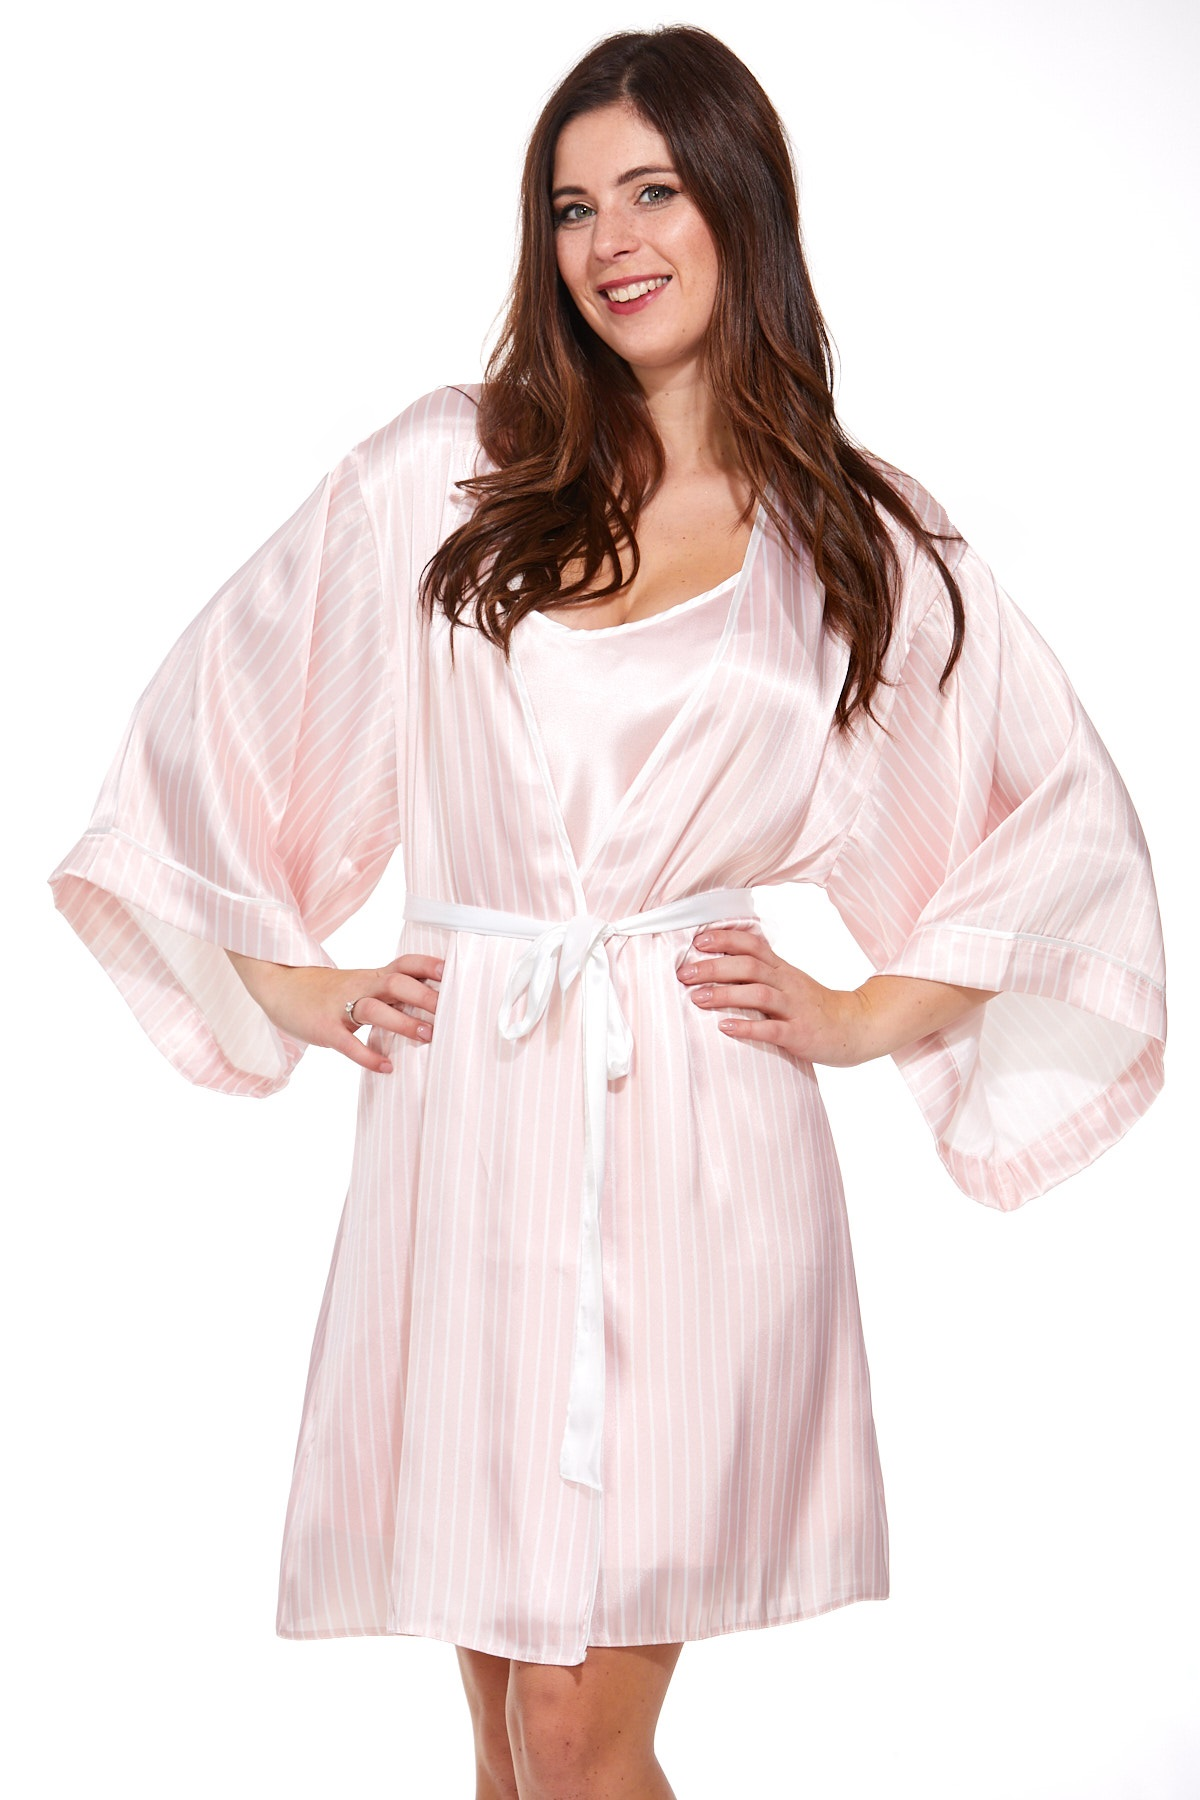 Luxusní košilka a župan v dokonalém kompletu pro ženy 1E8288